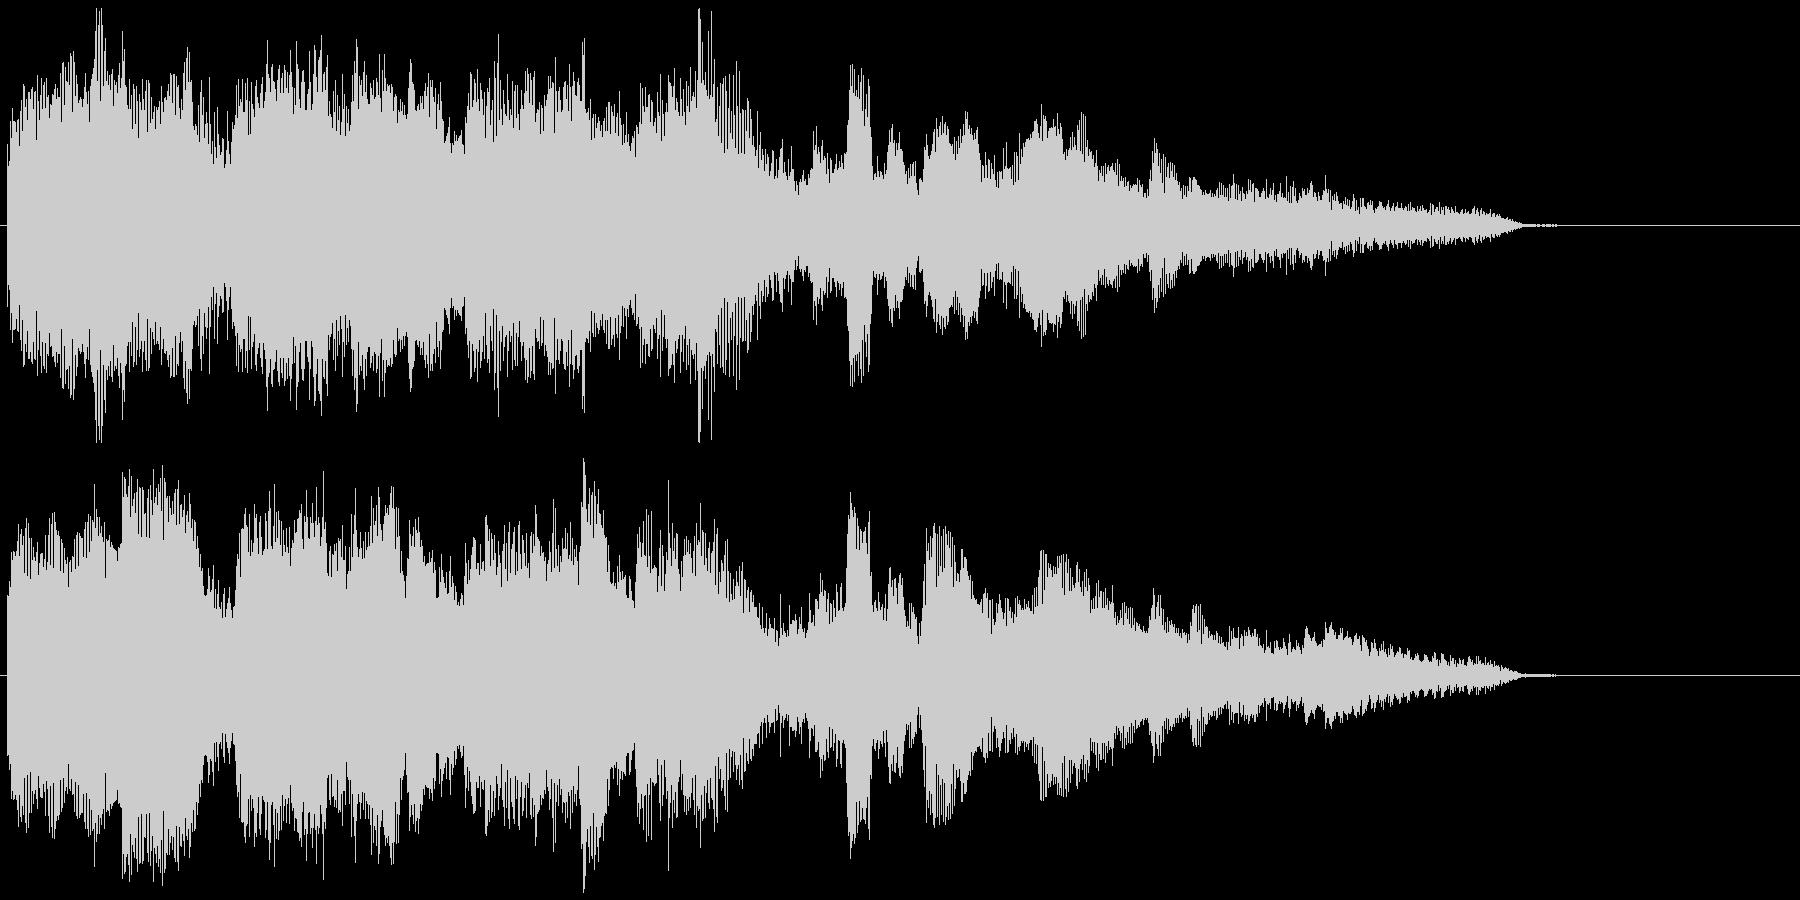 晴れやかなピアノとサックスの15秒CM曲の未再生の波形